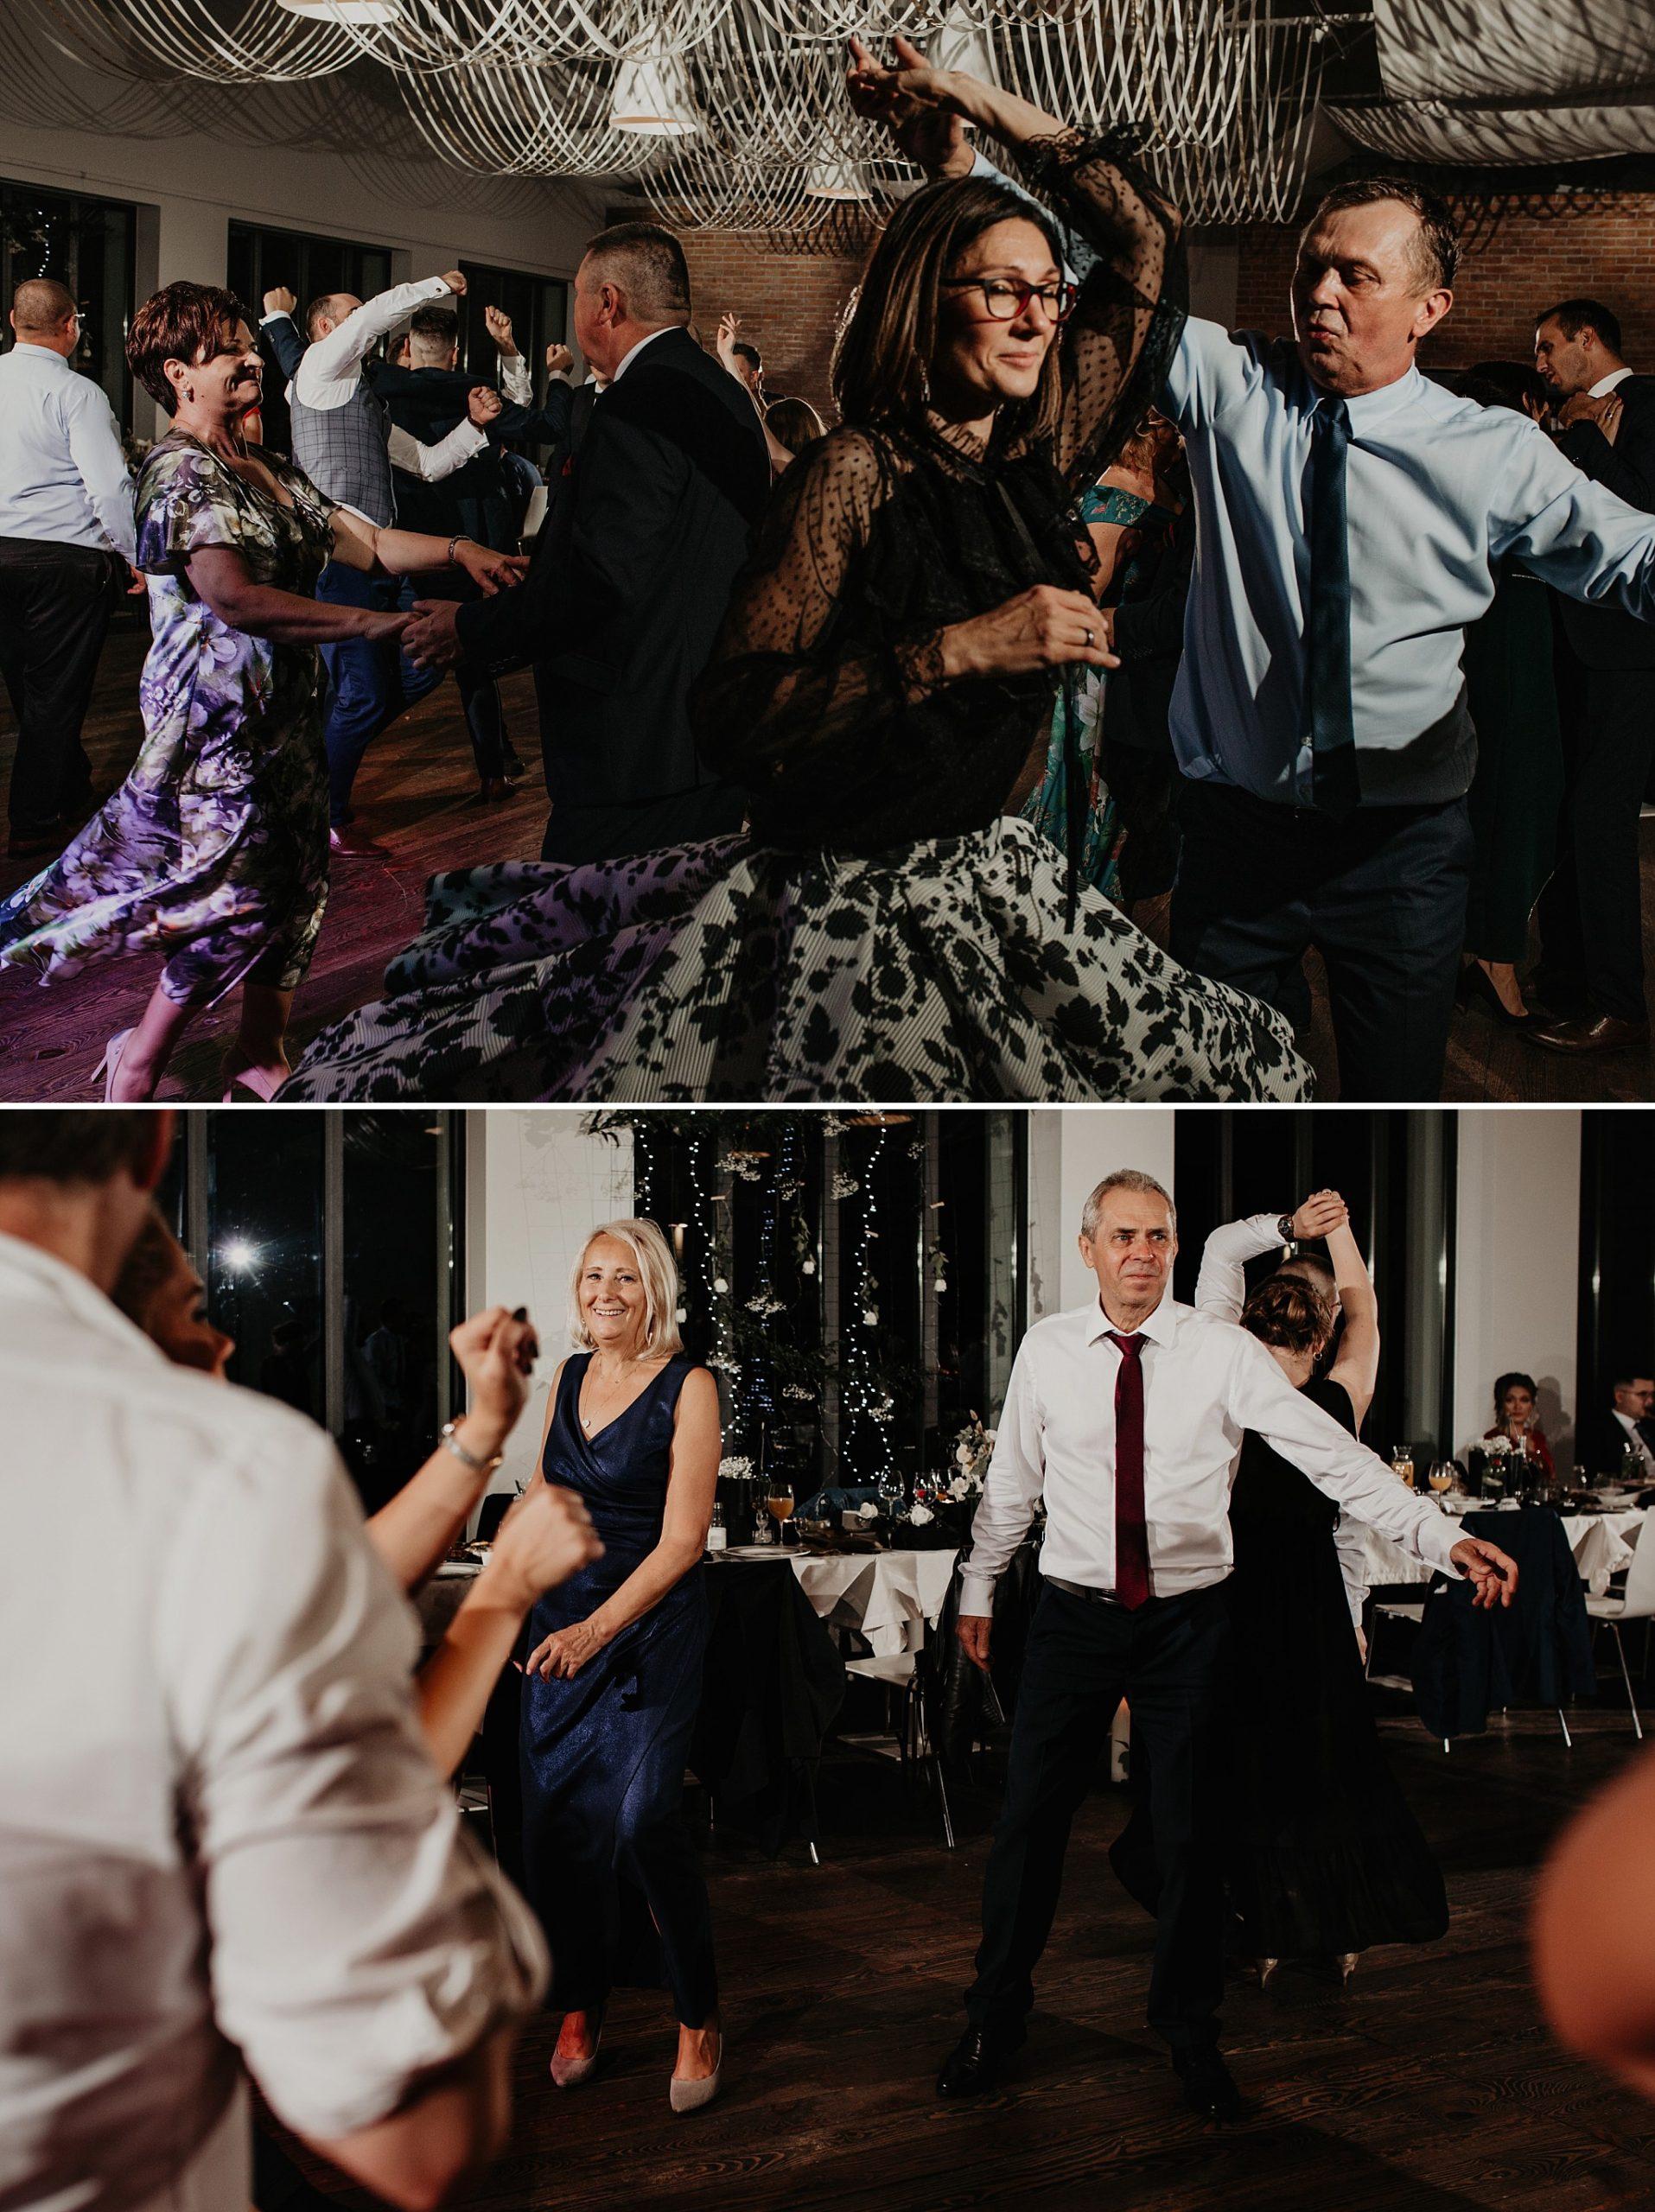 fotograf poznan wesele dobra truskawka piekne wesele pod poznaniem wesele w dobrej truskawce piekna para mloda slub marzen slub koronawirus slub listopad wesele koronawirus 478 scaled